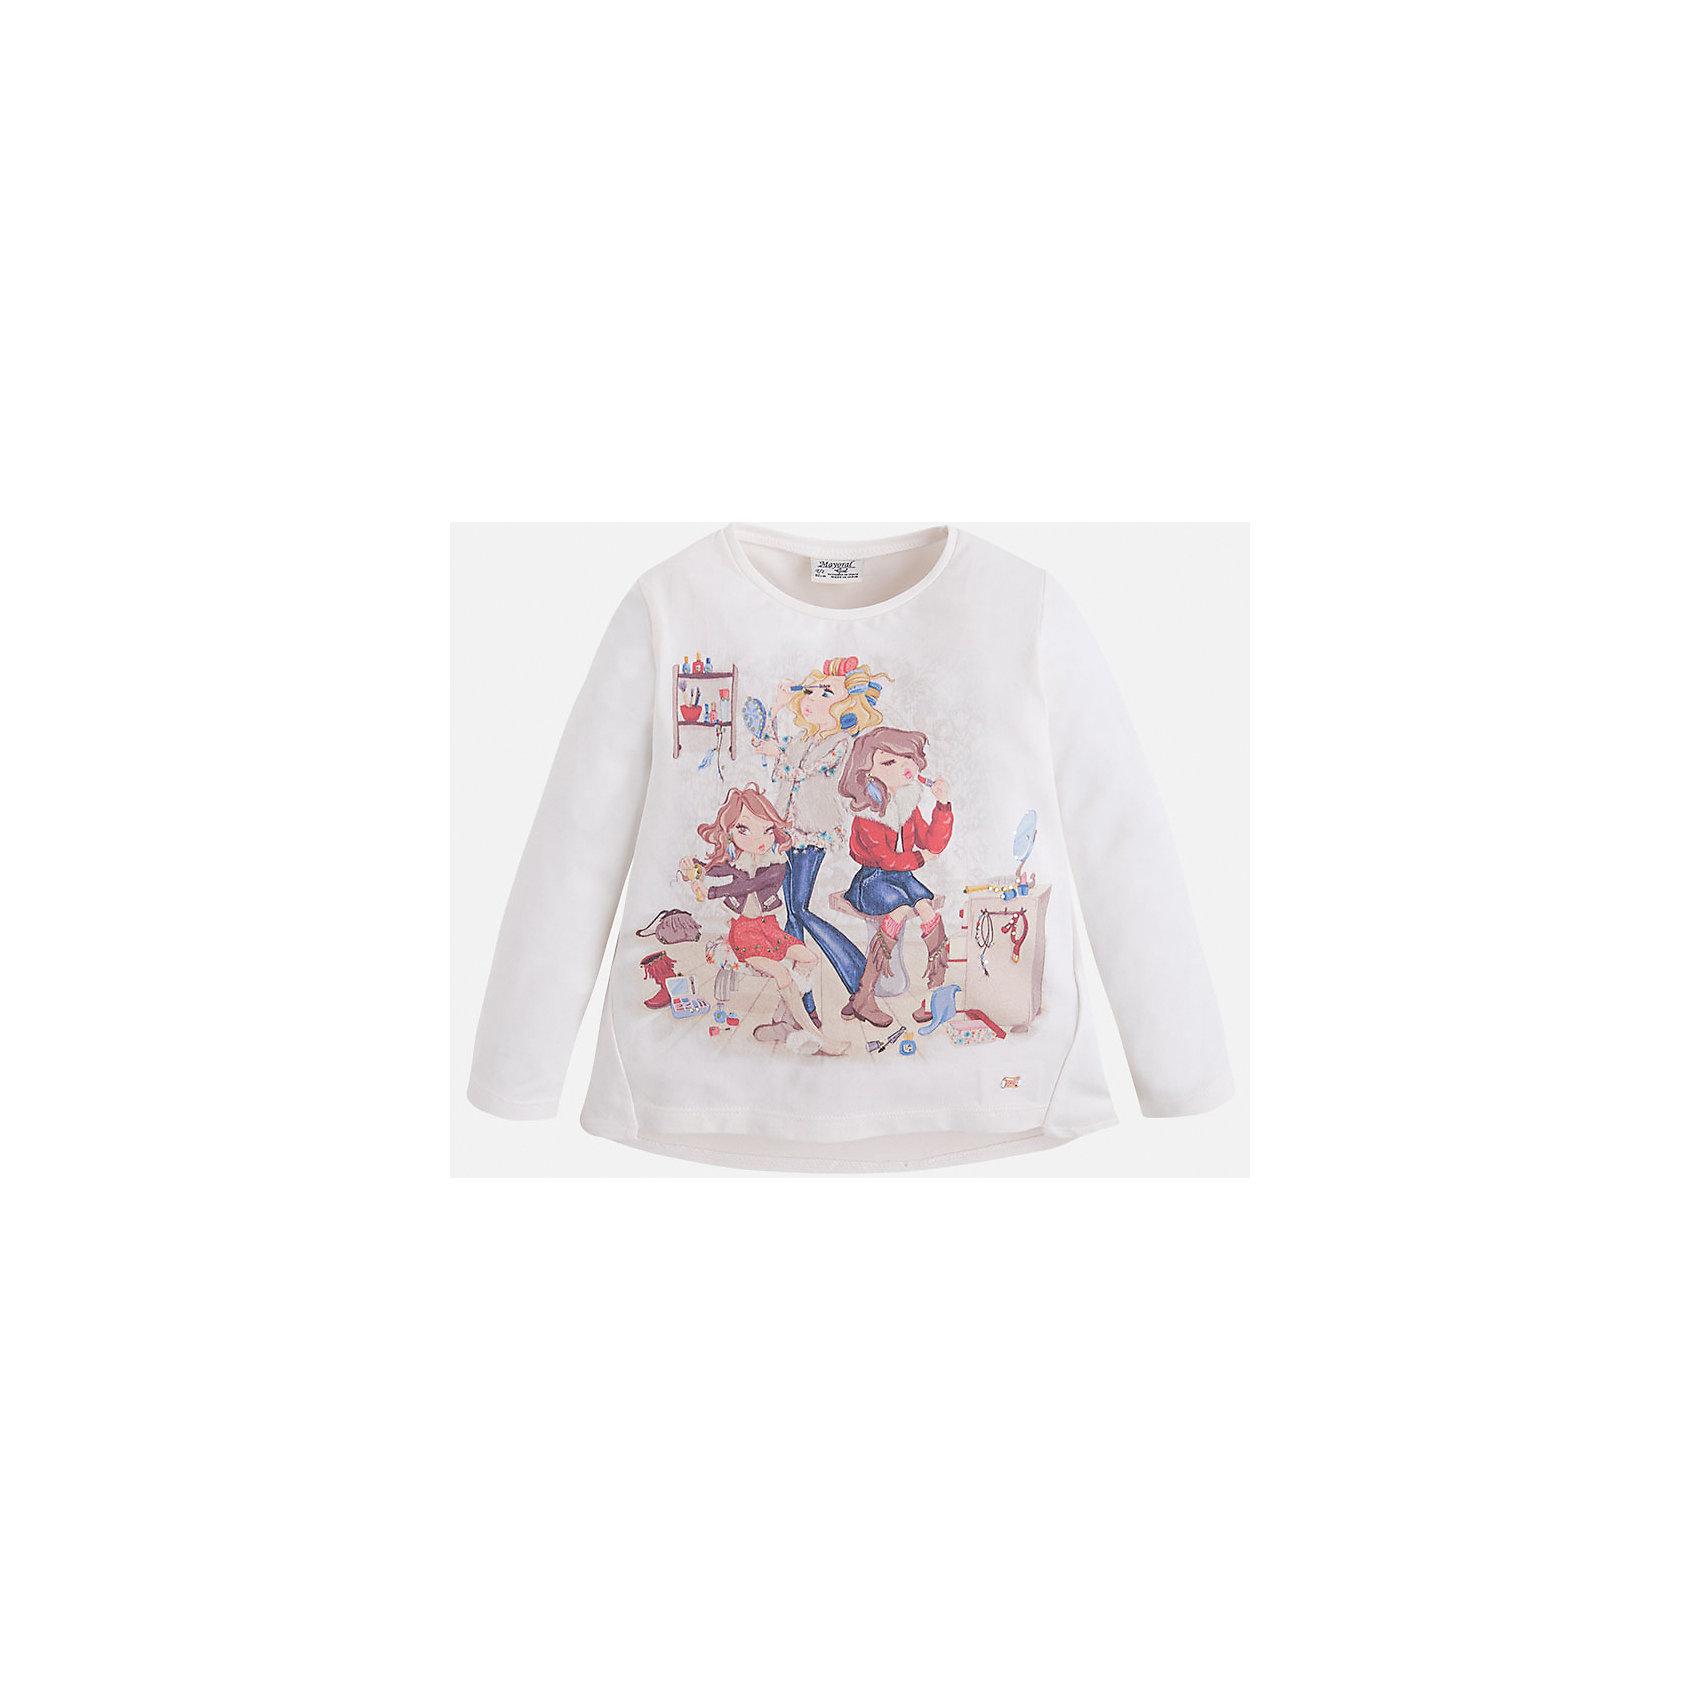 Футболка для девочки MayoralФутболка для девочки от известного испанского бренда Mayoral (Майорал). Эта модная и удобная футболка с длинным рукавом сочетает в себе стиль и простоту. Приятный молочно-белый цвет и яркий фото-принт с подружками и украшения стразами придут по вкусу вашей моднице. У футболки свободный крой, слегка расширяющийся к низу. Боковые швы выходят на лицевую нижнюю часть футболки. Отличное пополнение для сезона осень-зима. К этой футболке подойдут как классические юбки и брюки, так и джинсы или штаны спортивного кроя. <br><br>Дополнительная информация:<br><br>- Силуэт: расширяющийся к низу<br>- Рукав: длинный<br>- Длина: средняя<br><br>Состав: 92% хлопок, 8% эластан<br><br>Футболку для девочки Mayoral (Майорал) можно купить в нашем интернет-магазине.<br><br>Подробнее:<br>• Для детей в возрасте: от 4 до 9 лет<br>• Номер товара: 4846484<br>Страна производитель: Индия<br><br>Ширина мм: 199<br>Глубина мм: 10<br>Высота мм: 161<br>Вес г: 151<br>Цвет: белый<br>Возраст от месяцев: 96<br>Возраст до месяцев: 108<br>Пол: Женский<br>Возраст: Детский<br>Размер: 134,92,110,104,128,122,116,98<br>SKU: 4846484